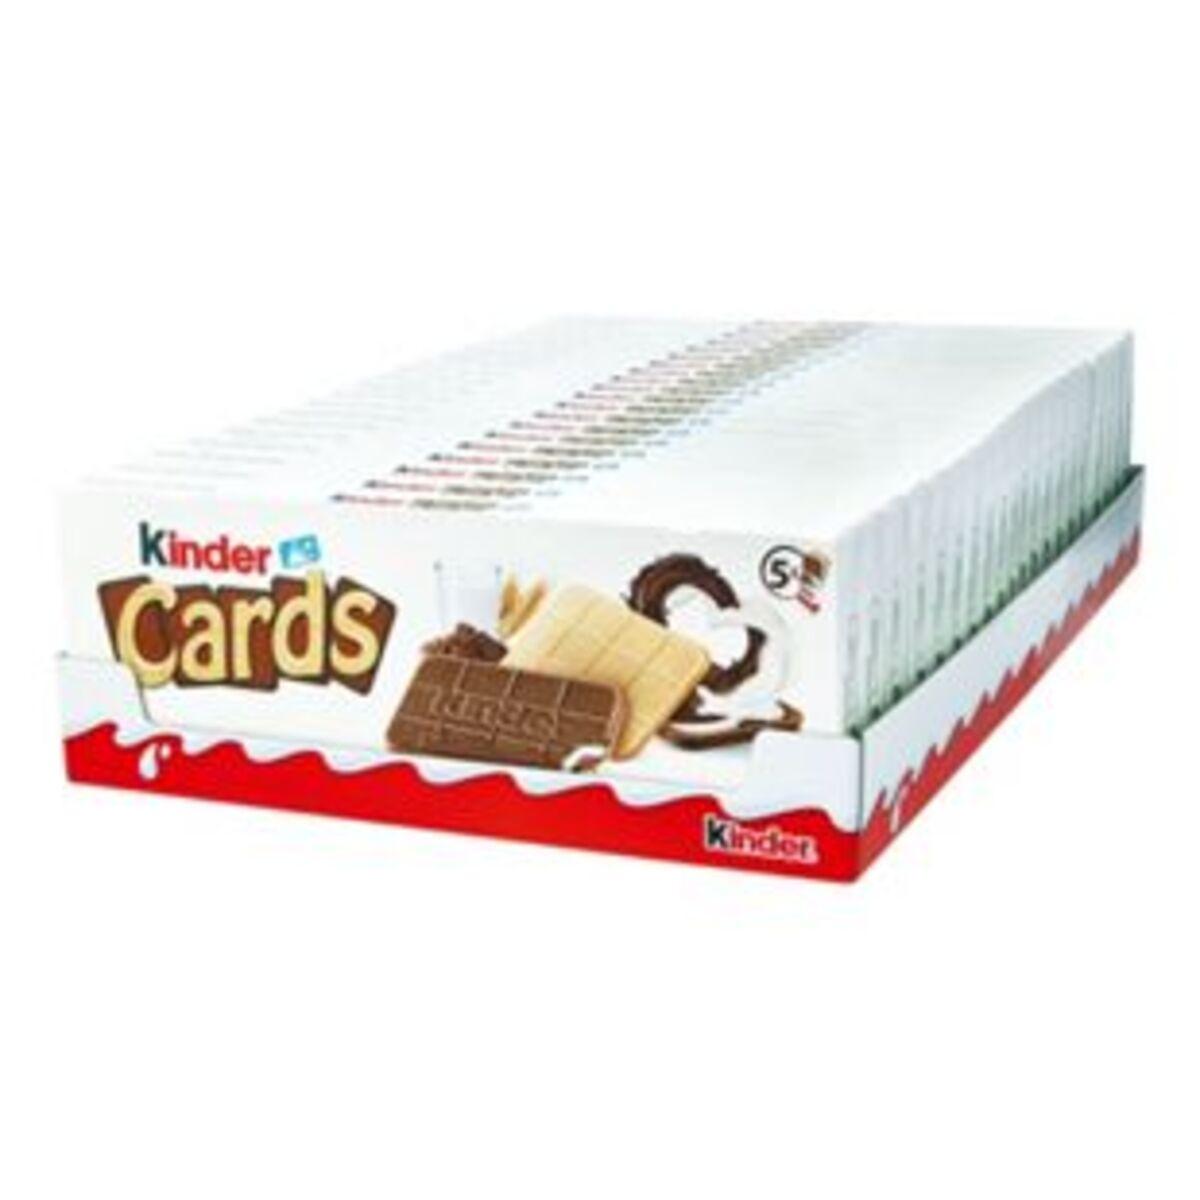 Bild 2 von Ferrero Kinder Cards 128 g, 20er Pack